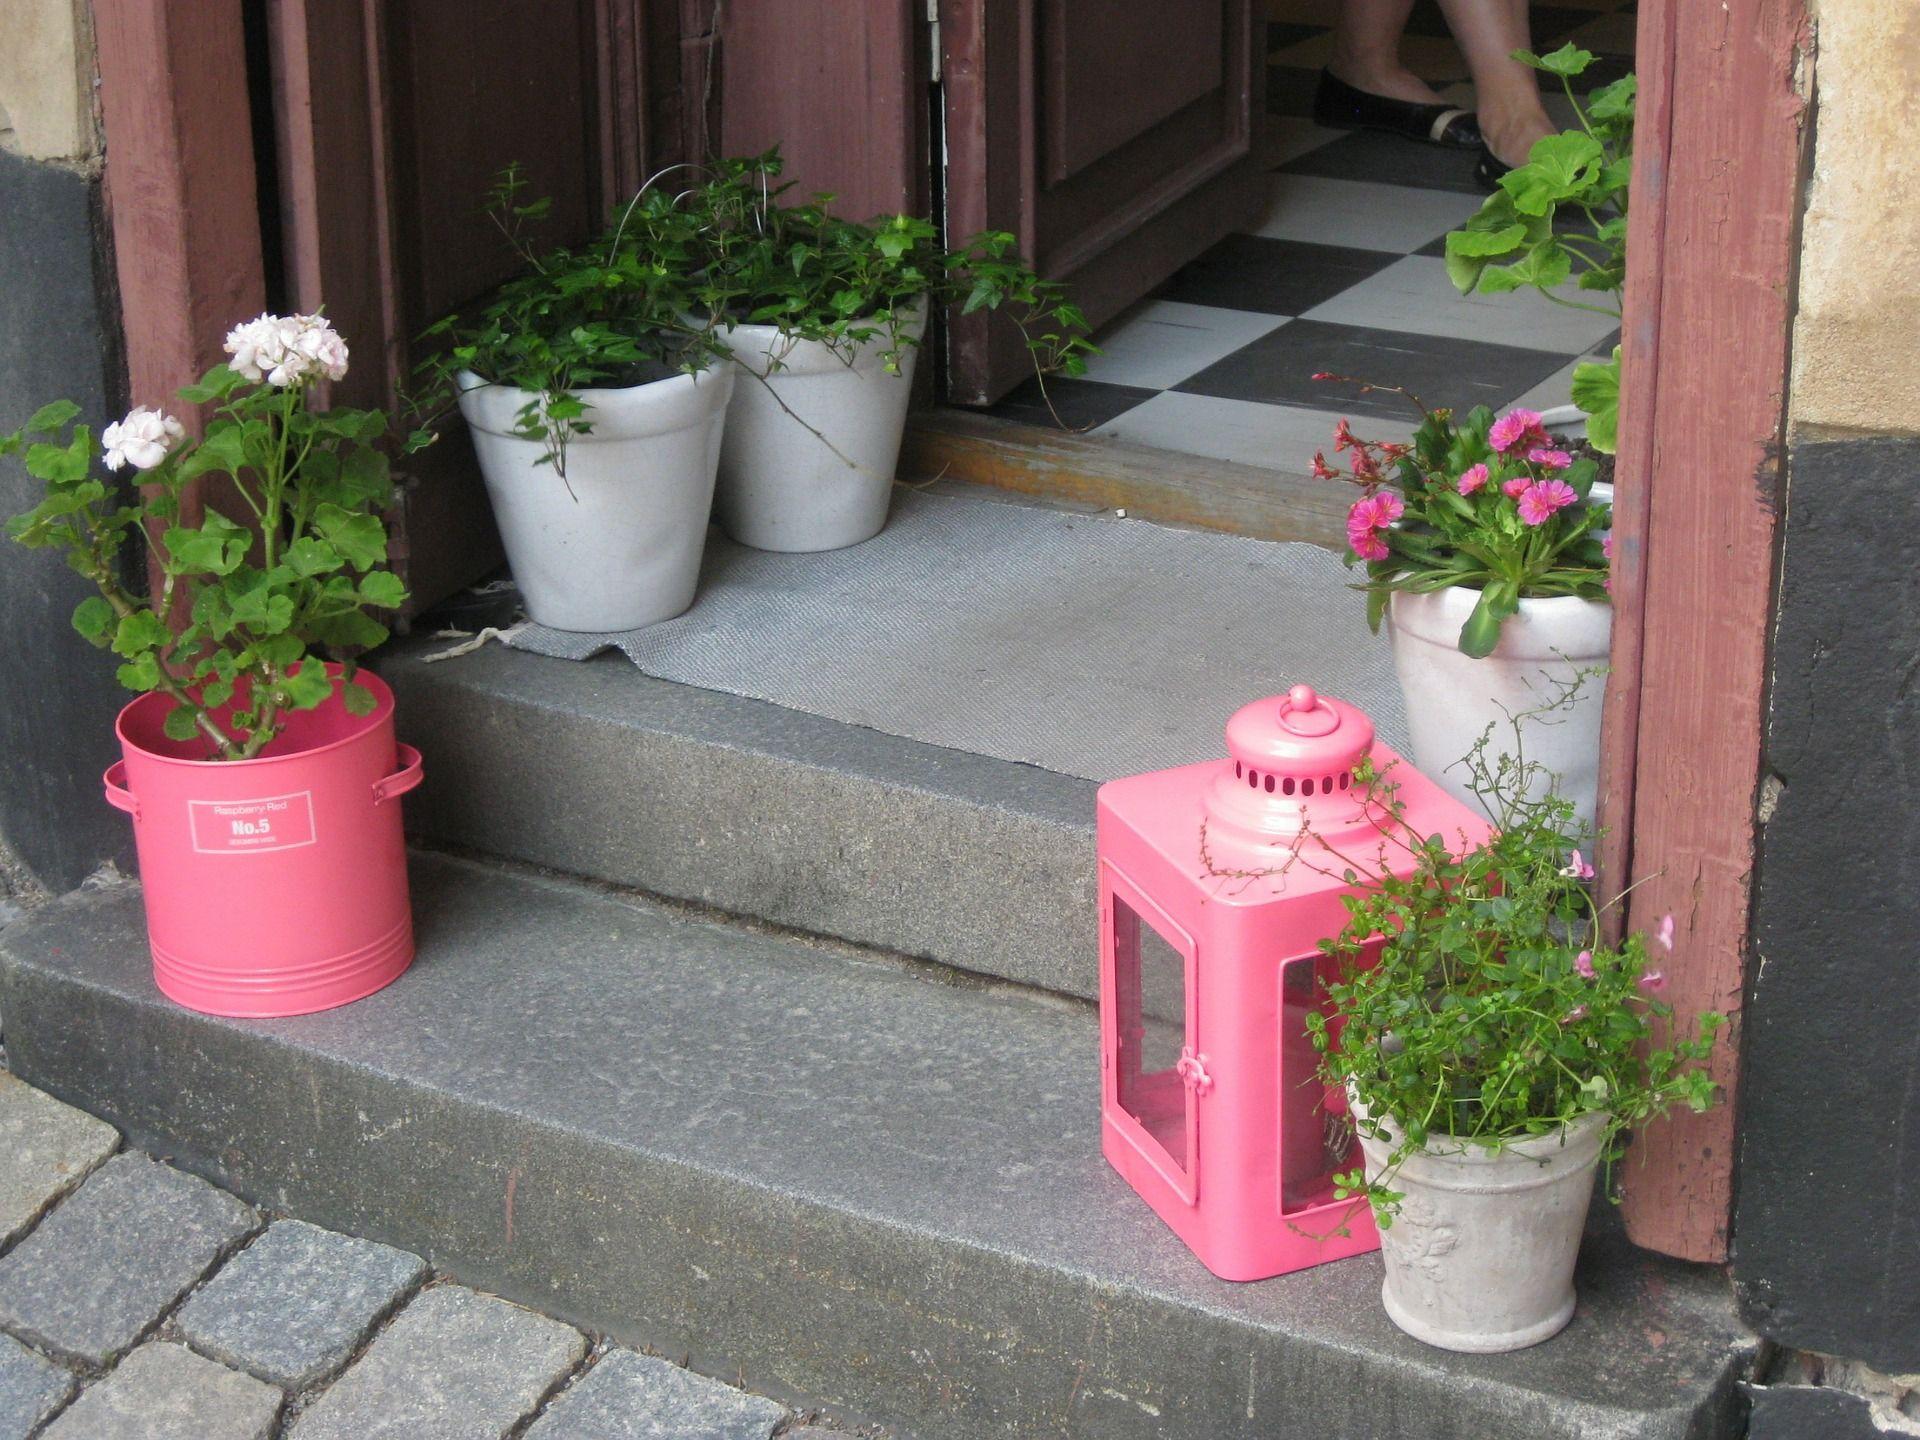 Pomysl Na Dekoracje Wejscia Do Domu Hydrobox Hydroboxpl Kwiaty Diy Pomysl Ideas Flowerpot Inspiration Handmade Flower Front Door Doorway Decor Decor